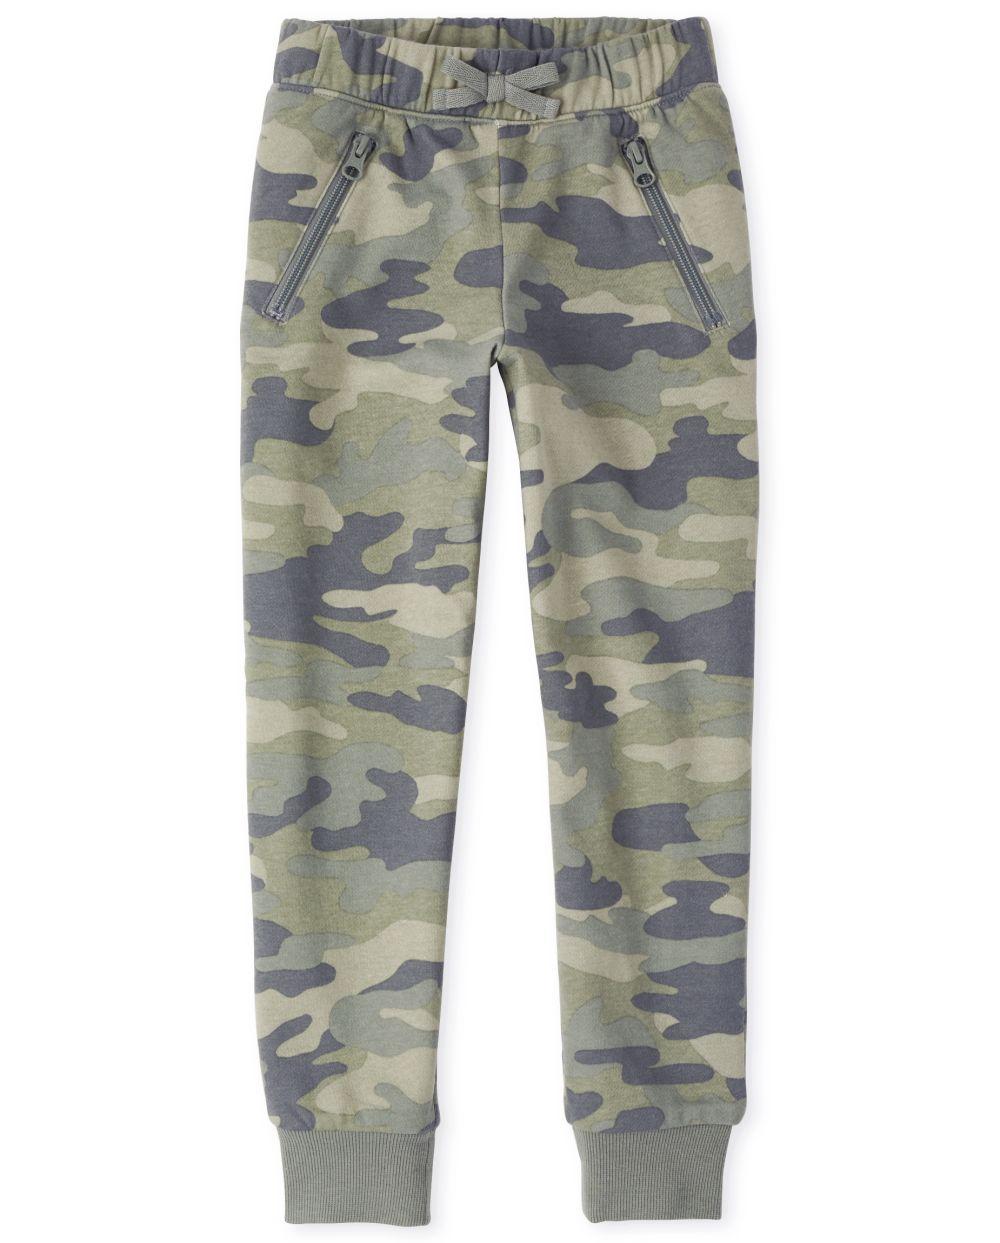 Pantalones de chándal French Terry Active Camo para niñas